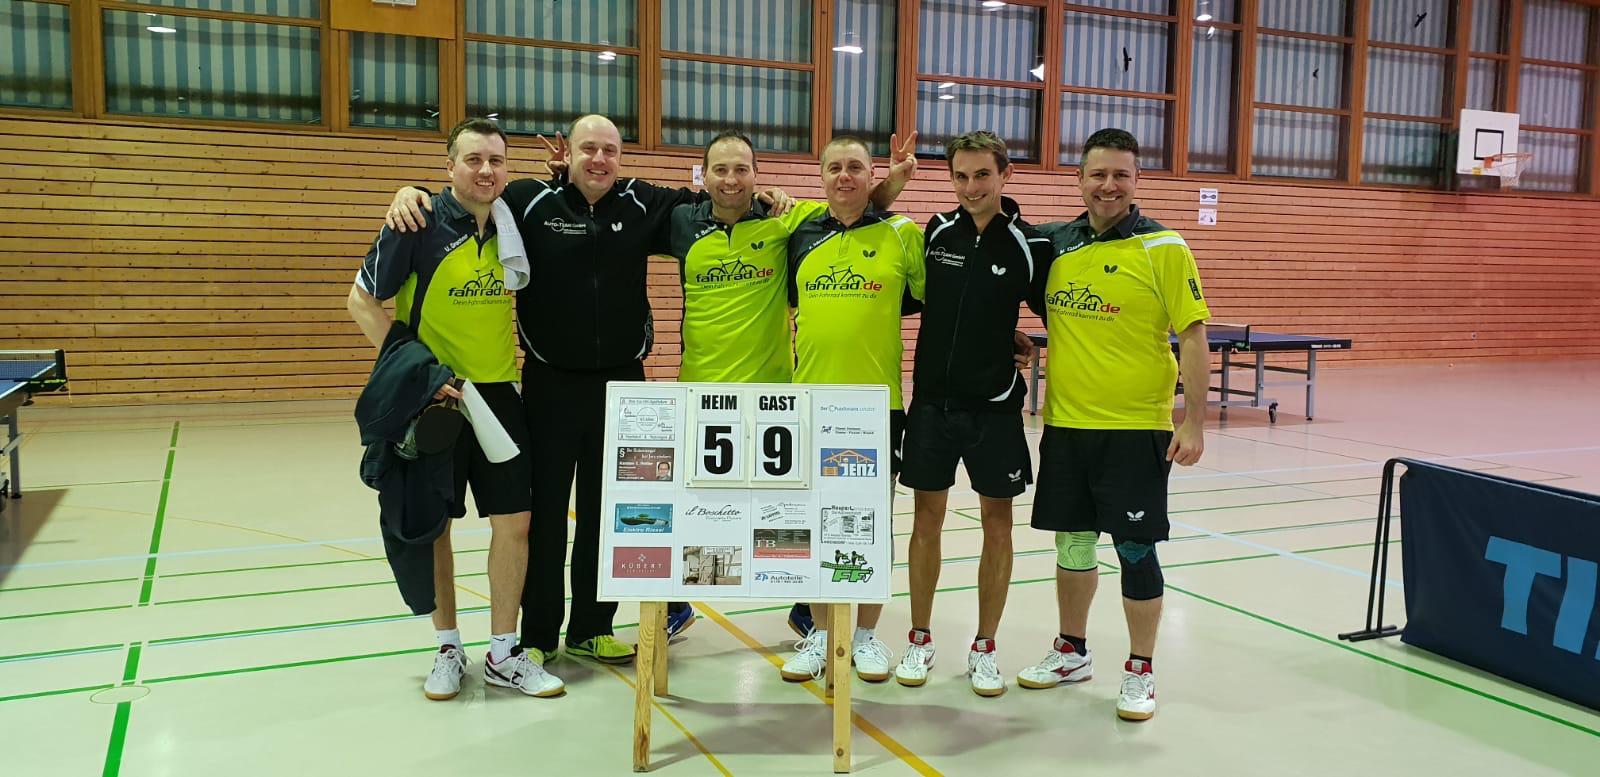 TTF Inside KW 5: Herren I feiern Sieg in Hochdorf; Damen I punkten weiter und sichern erfolgreichen Rückrundenstart